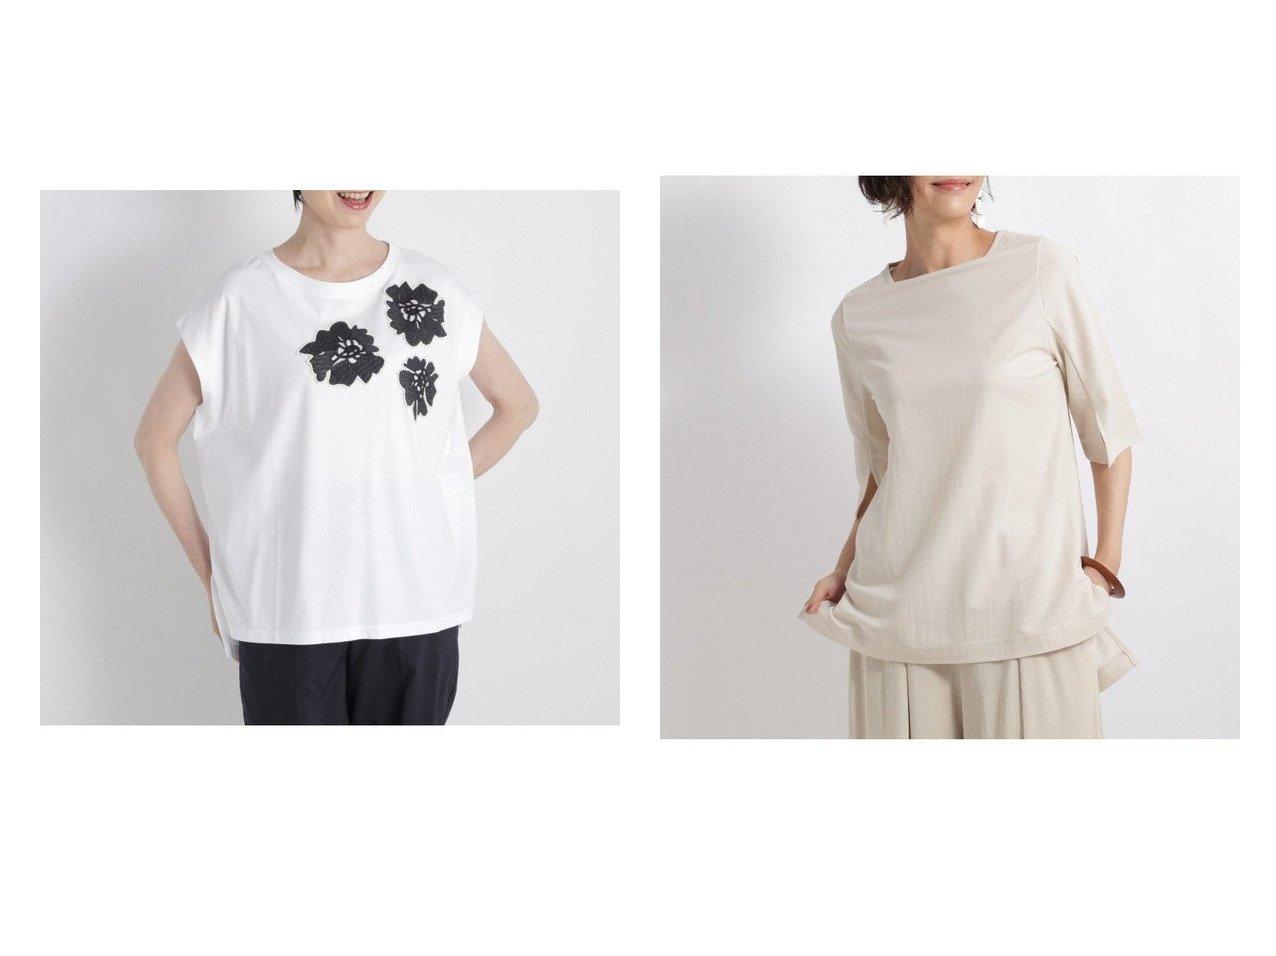 【Utao:/ウタオ】のフラワーシシュウBIGT&アセジミシニクイソデスリT おすすめ!人気、トレンド・レディースファッションの通販 おすすめで人気の流行・トレンド、ファッションの通販商品 インテリア・家具・メンズファッション・キッズファッション・レディースファッション・服の通販 founy(ファニー) https://founy.com/ ファッション Fashion レディースファッション WOMEN トップス・カットソー Tops/Tshirt シャツ/ブラウス Shirts/Blouses ロング / Tシャツ T-Shirts カットソー Cut and Sewn NEW・新作・新着・新入荷 New Arrivals カットソー シンプル スリット おすすめ Recommend フラワー |ID:crp329100000060775